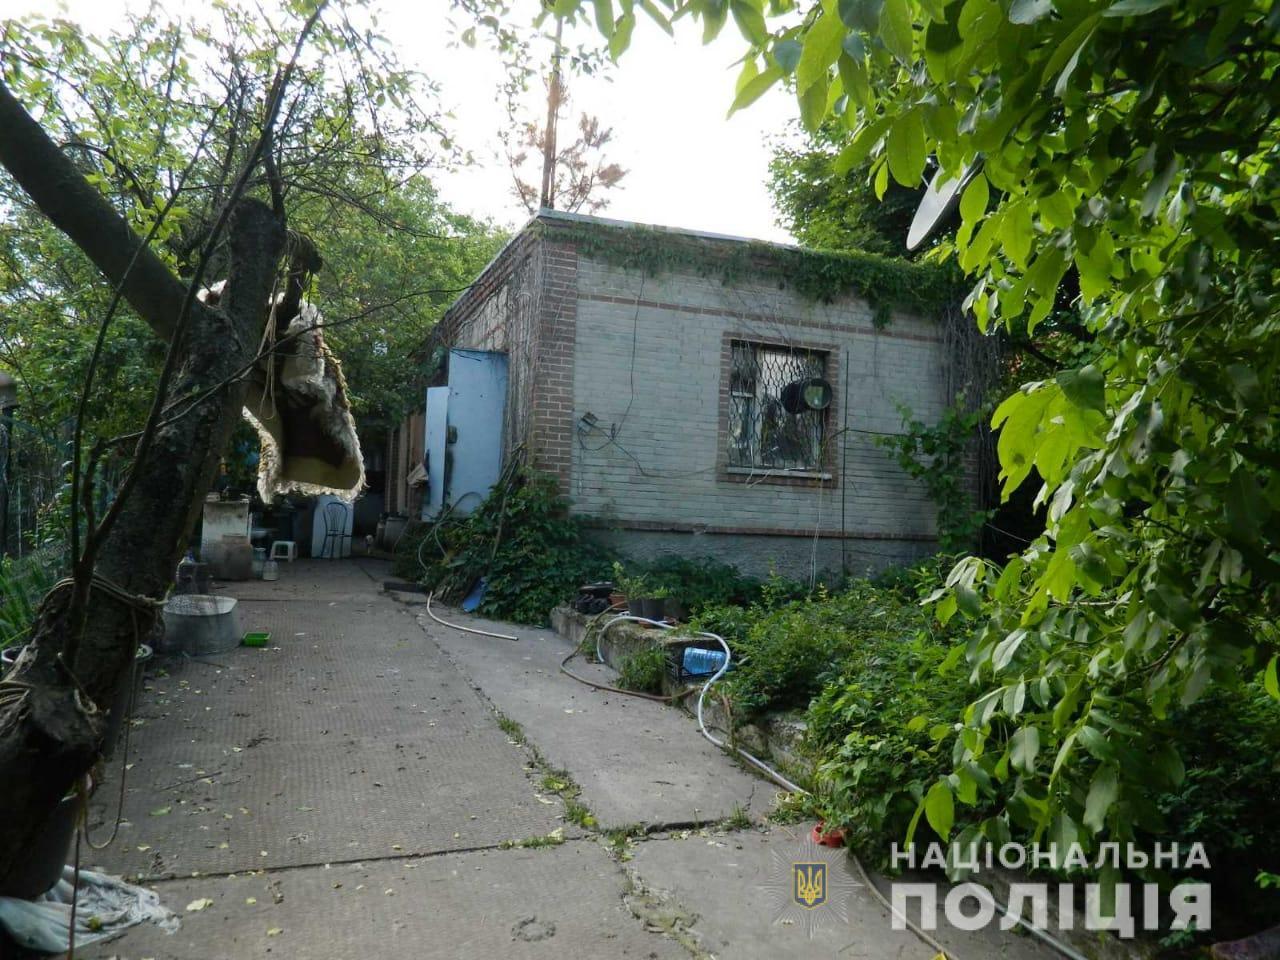 Под Киевом работодатель до смерти избил сотрудника